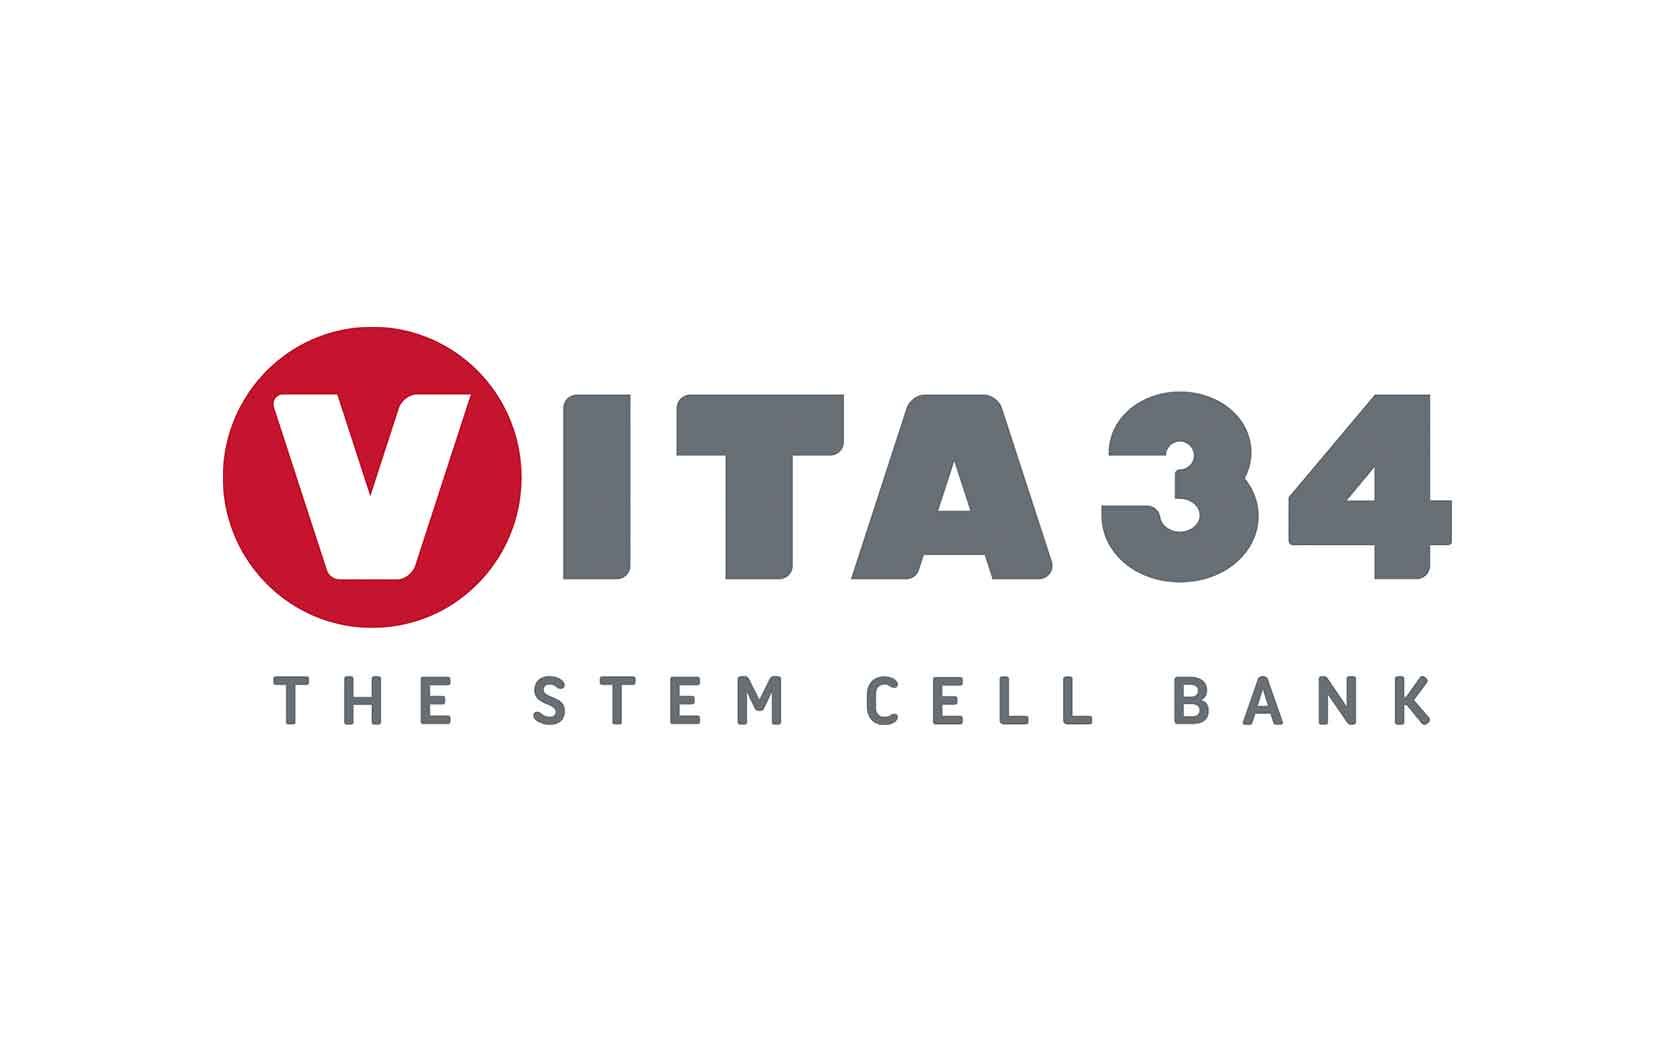 vita 34